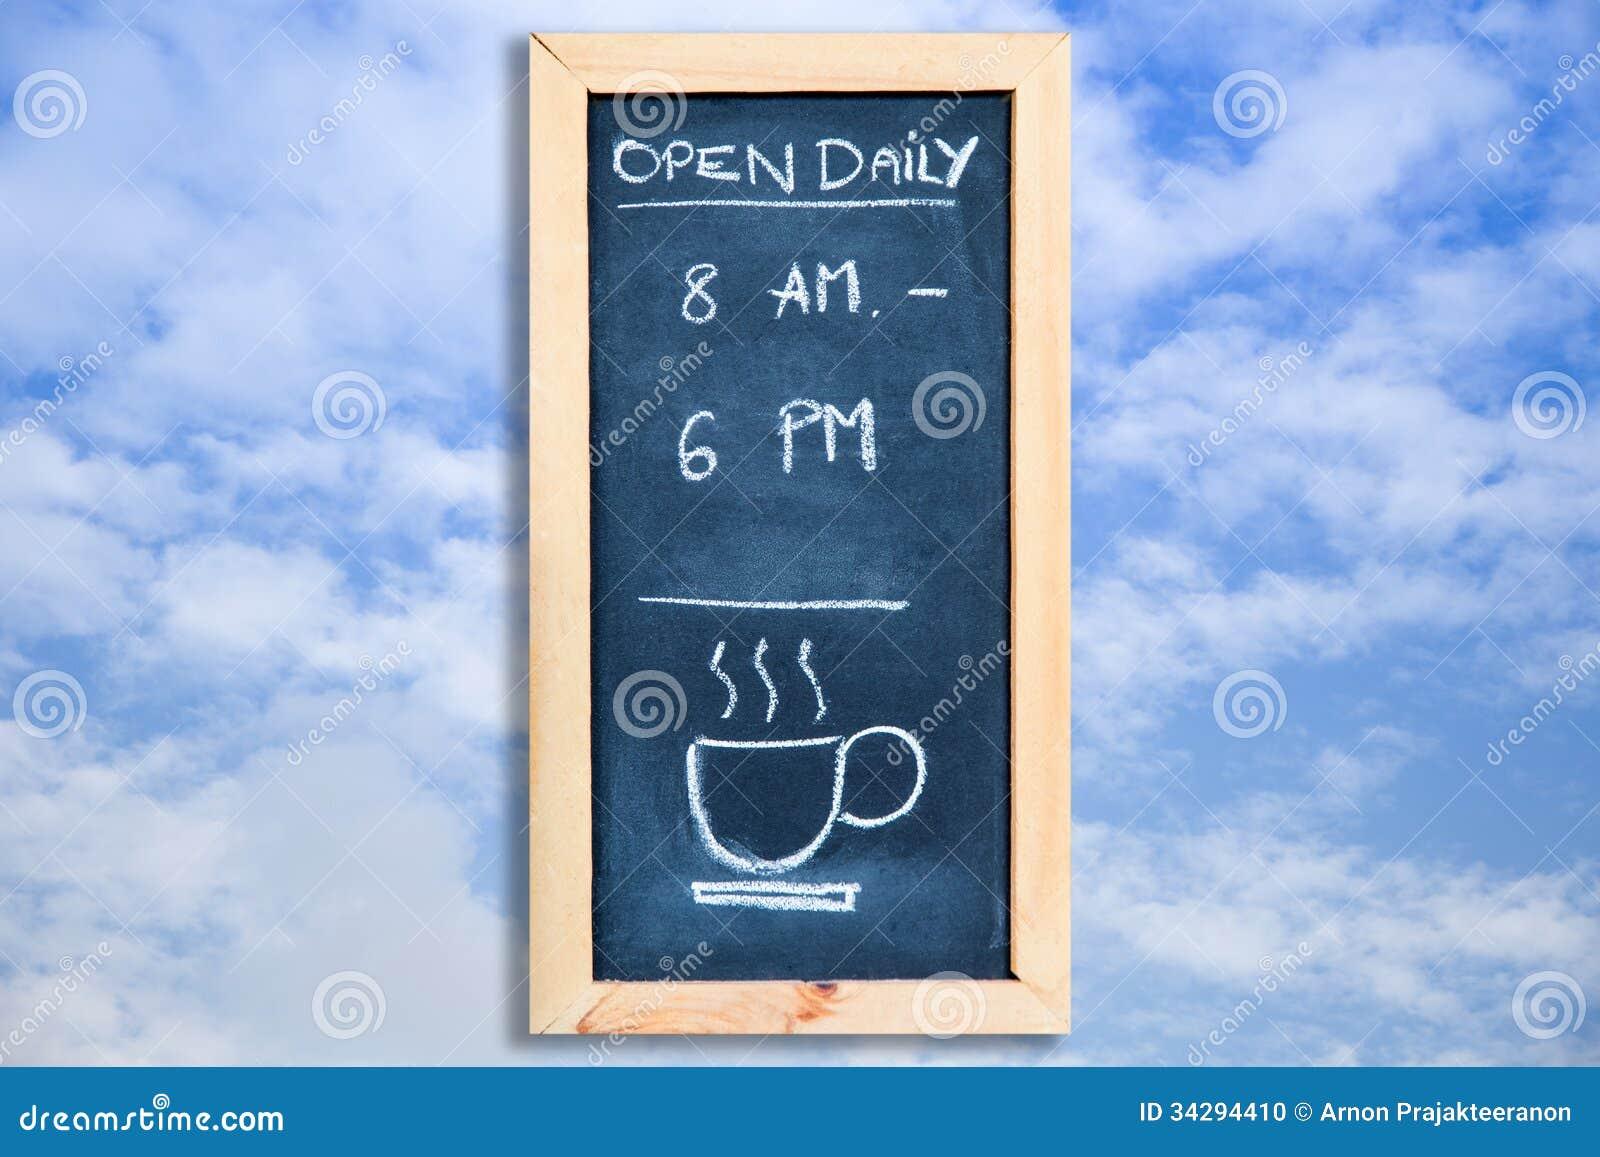 Öppna dagligen på himlen